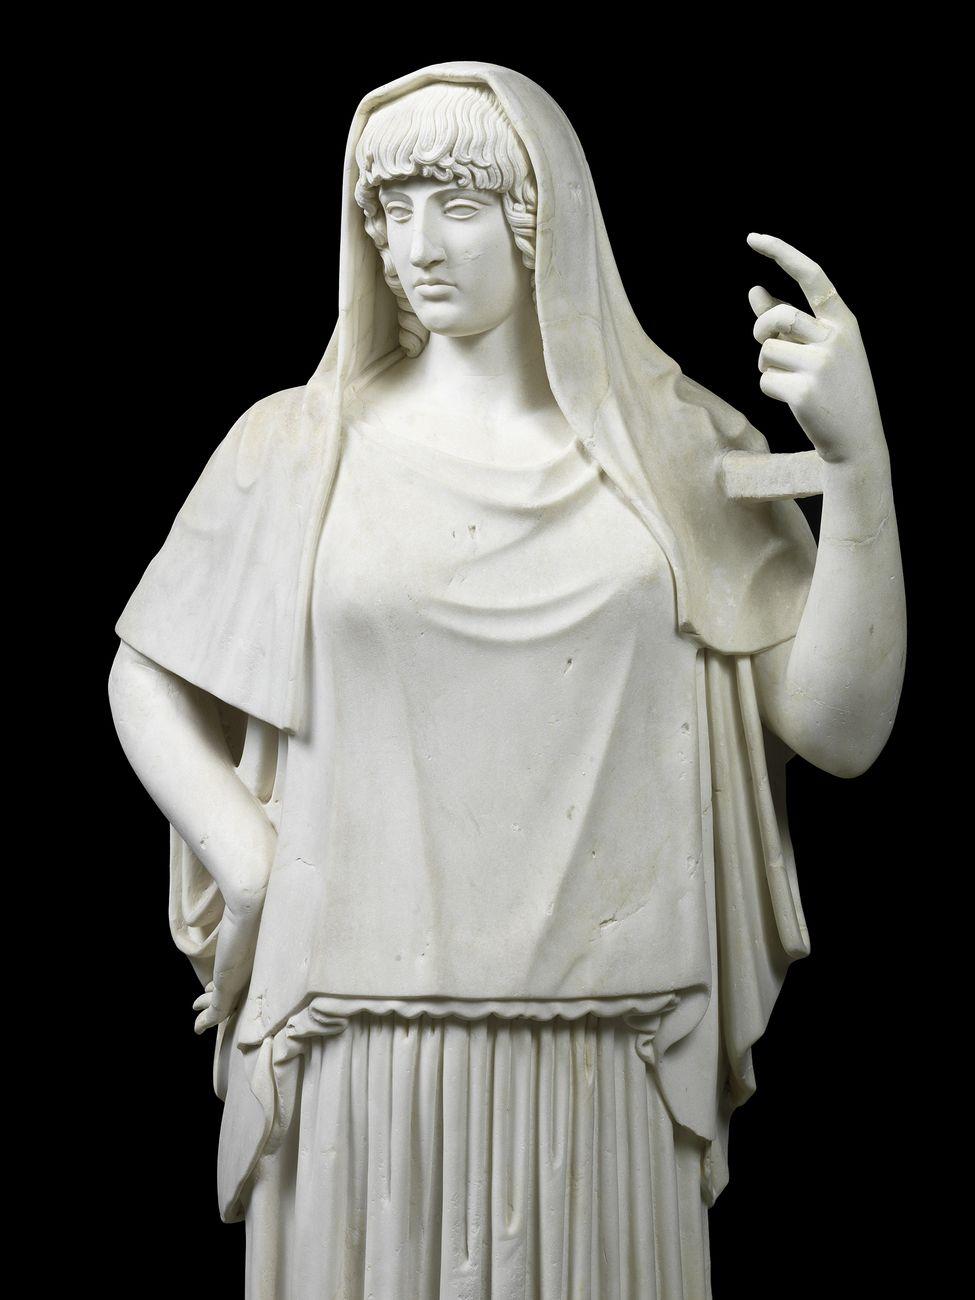 Collezione Torlonia, Statua di divinità, detta Hestia Giustiniani, marmo pario, h. cm 200 © Fondazione Torlonia. Photo Lorenzo De Masi